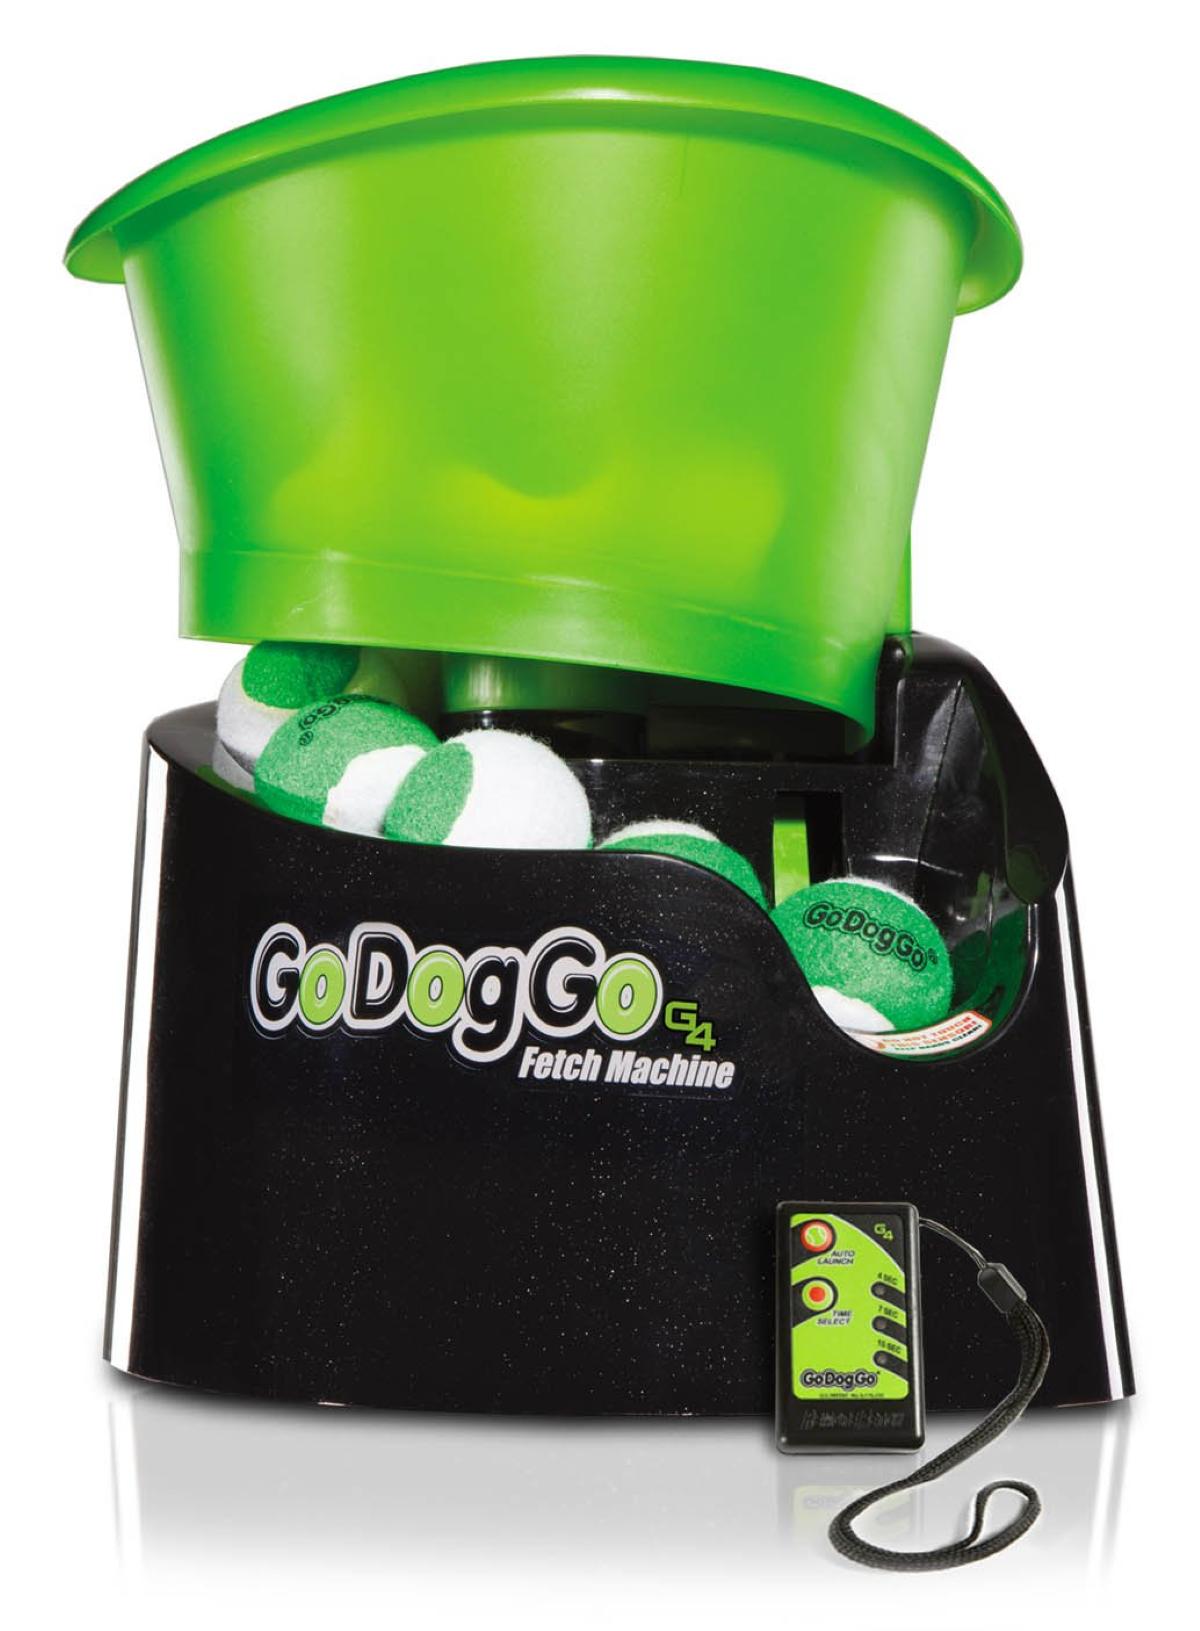 GoDogGo Fetch G4 - Box Contents (G4 Unit + Remote)